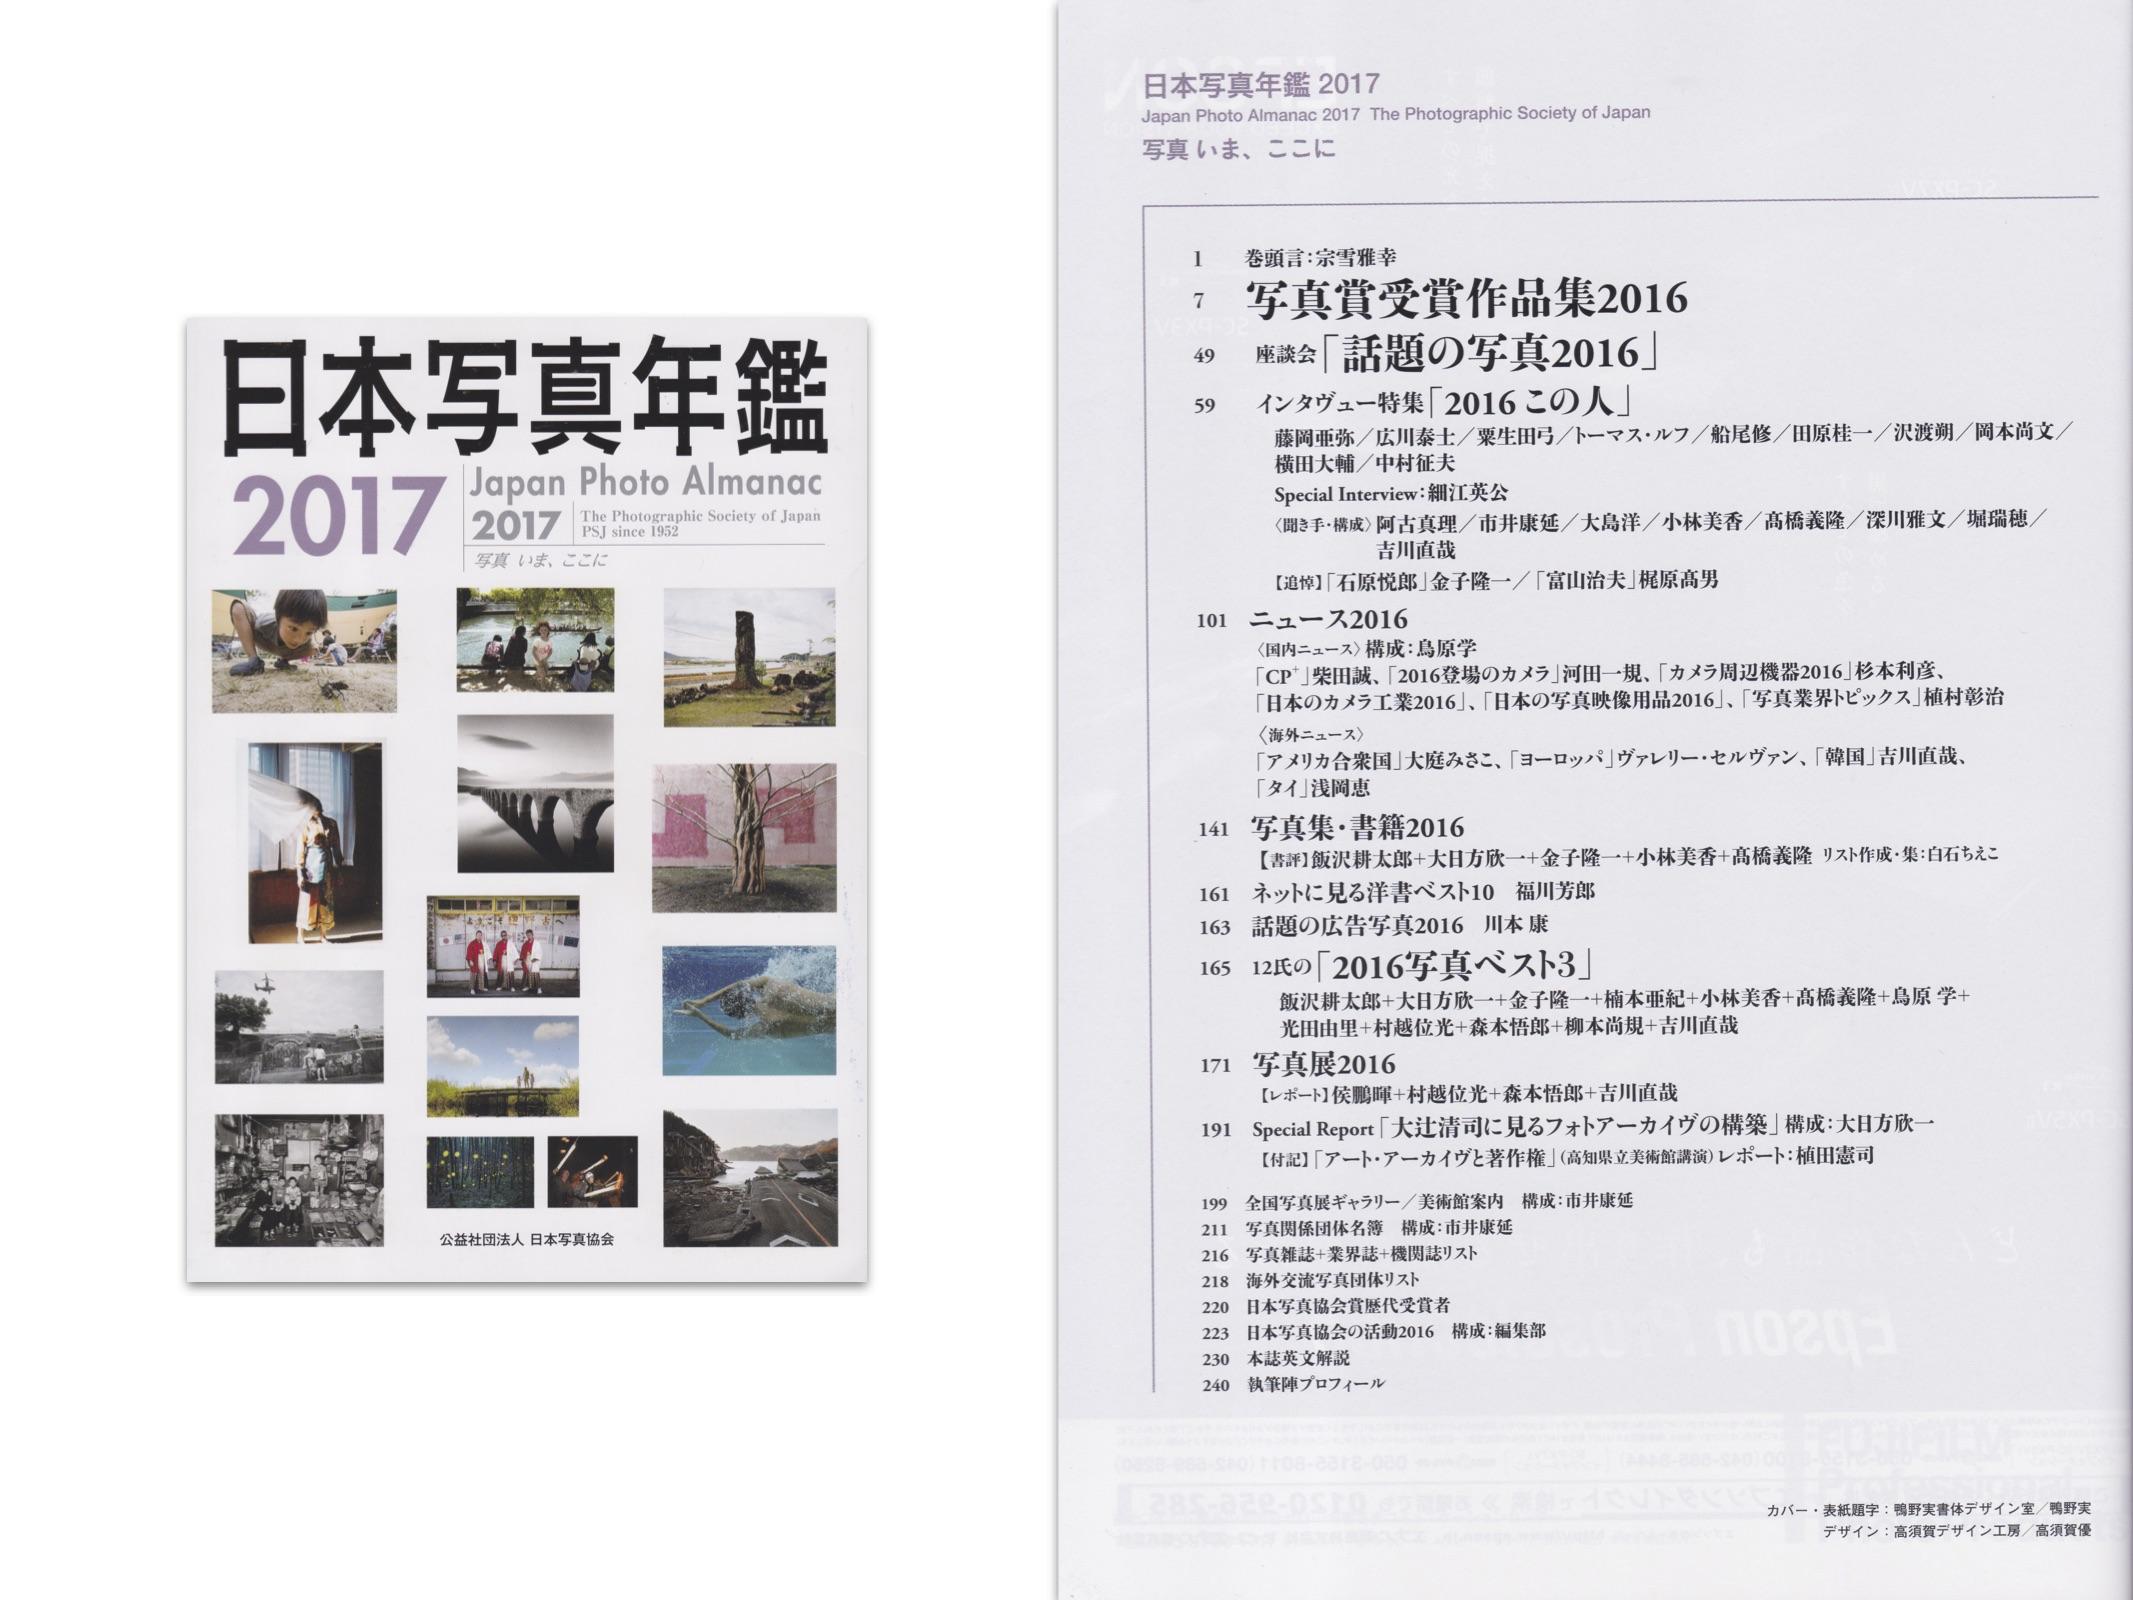 鵬暉參與撰文的《日本写真年鑑2017》內容豐富且完整